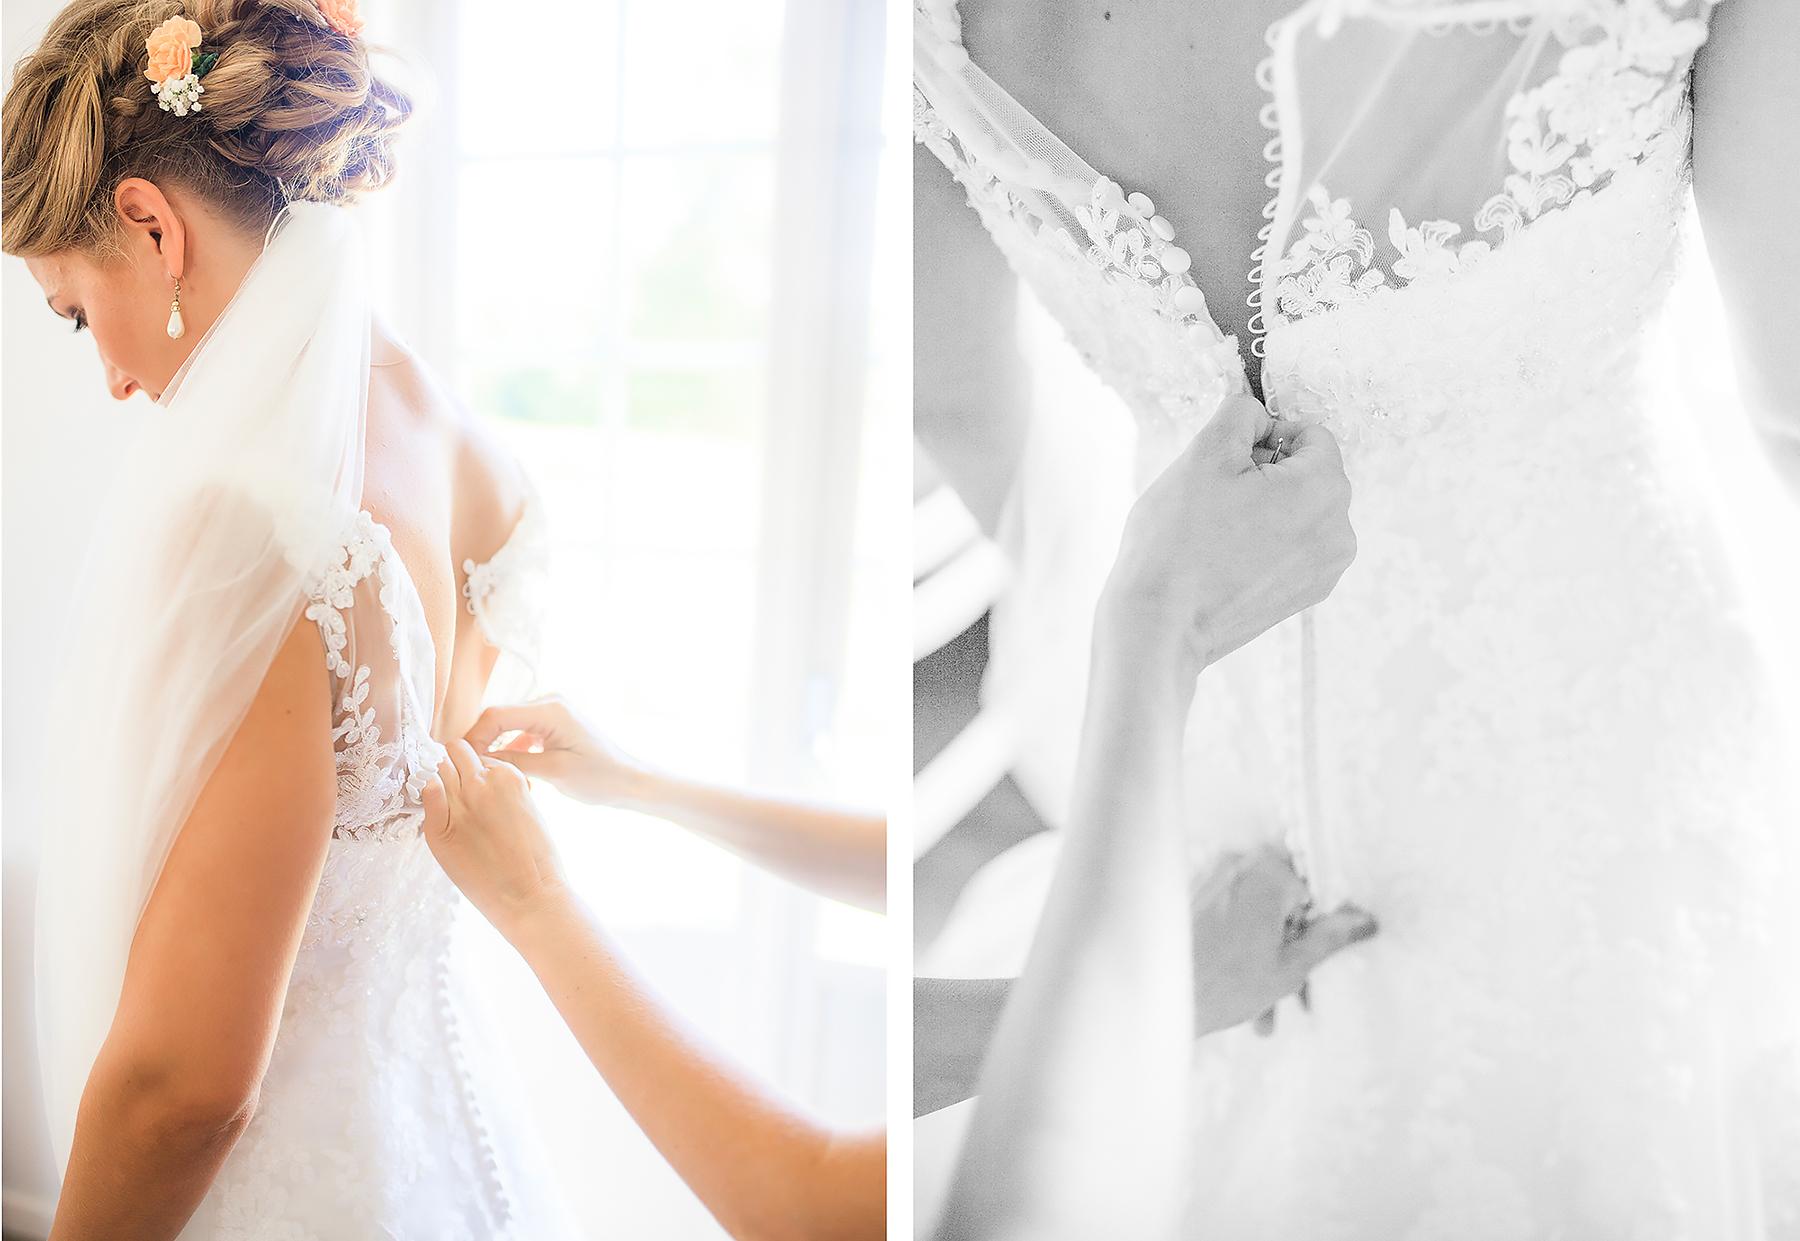 Josefin och Jimmy gifte sig den 5 augusti 2017 i Norrstrands kyrka. Fotograferades av bröllopsfotografen Sofia Röjder / Lyckliga Stunder